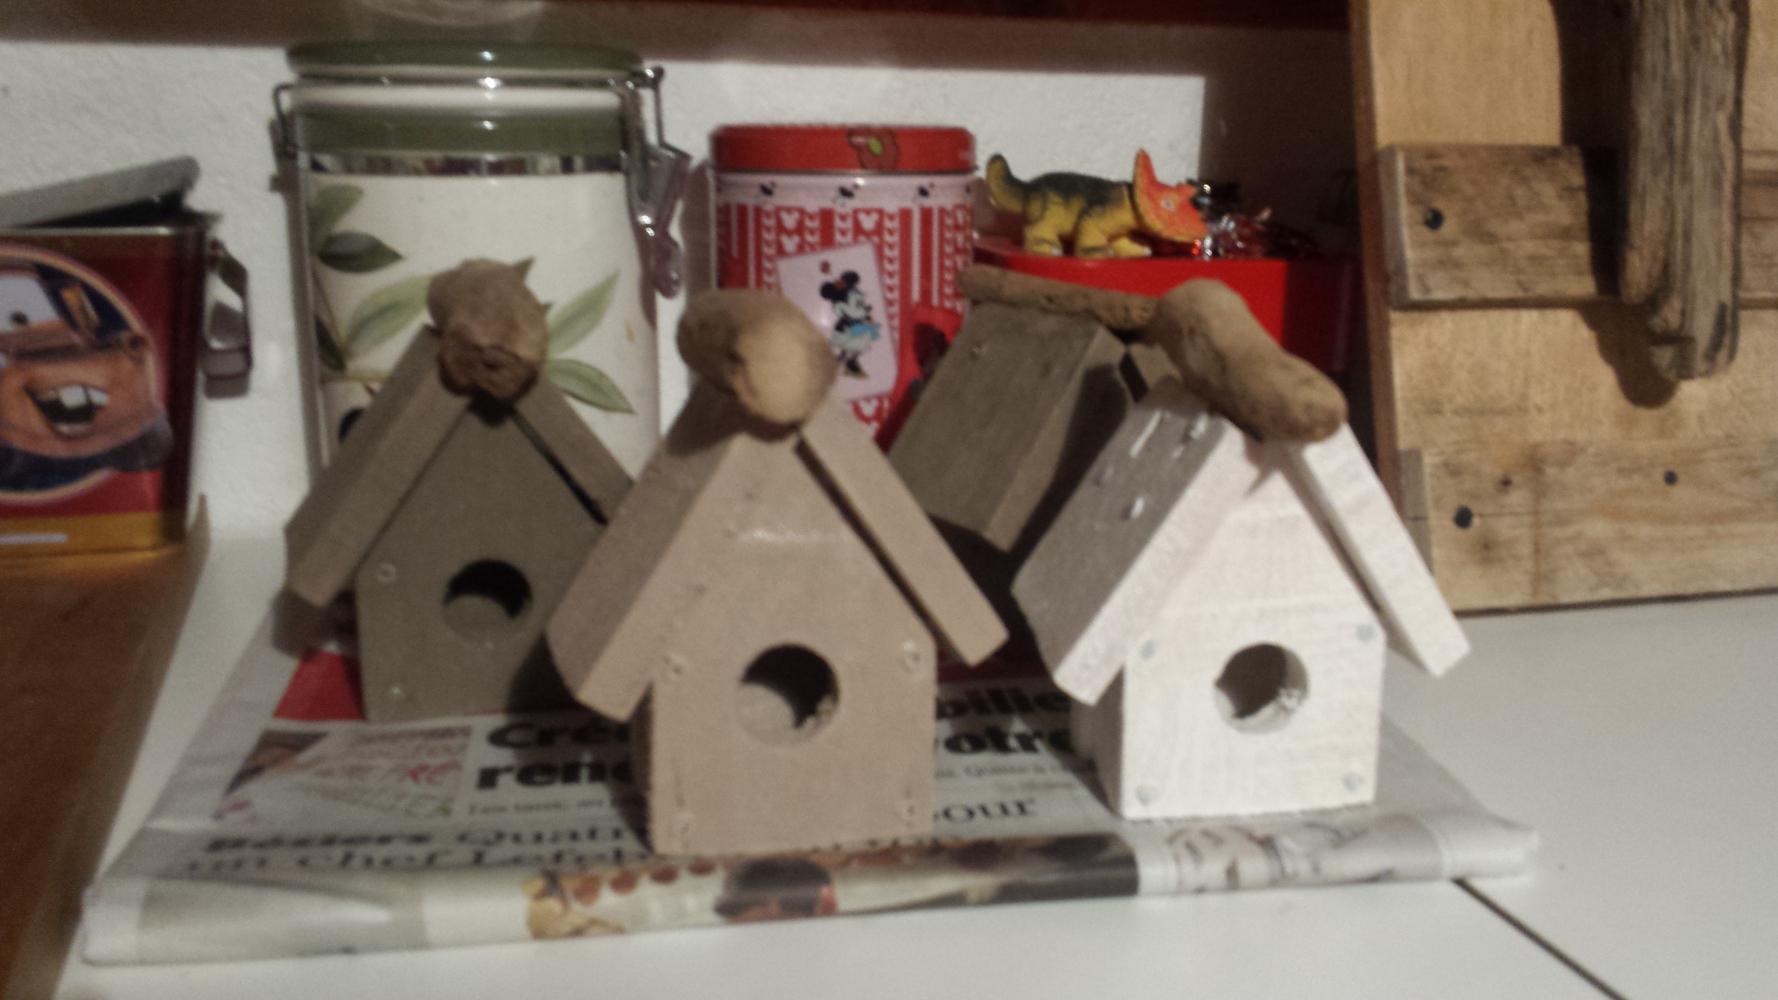 #A0422B Comment Fabriquer Une Cabane à Oiseau? Palettes & Co 7610 décoration de noel à fabriquer pour adultes 1778x1000 px @ aertt.com